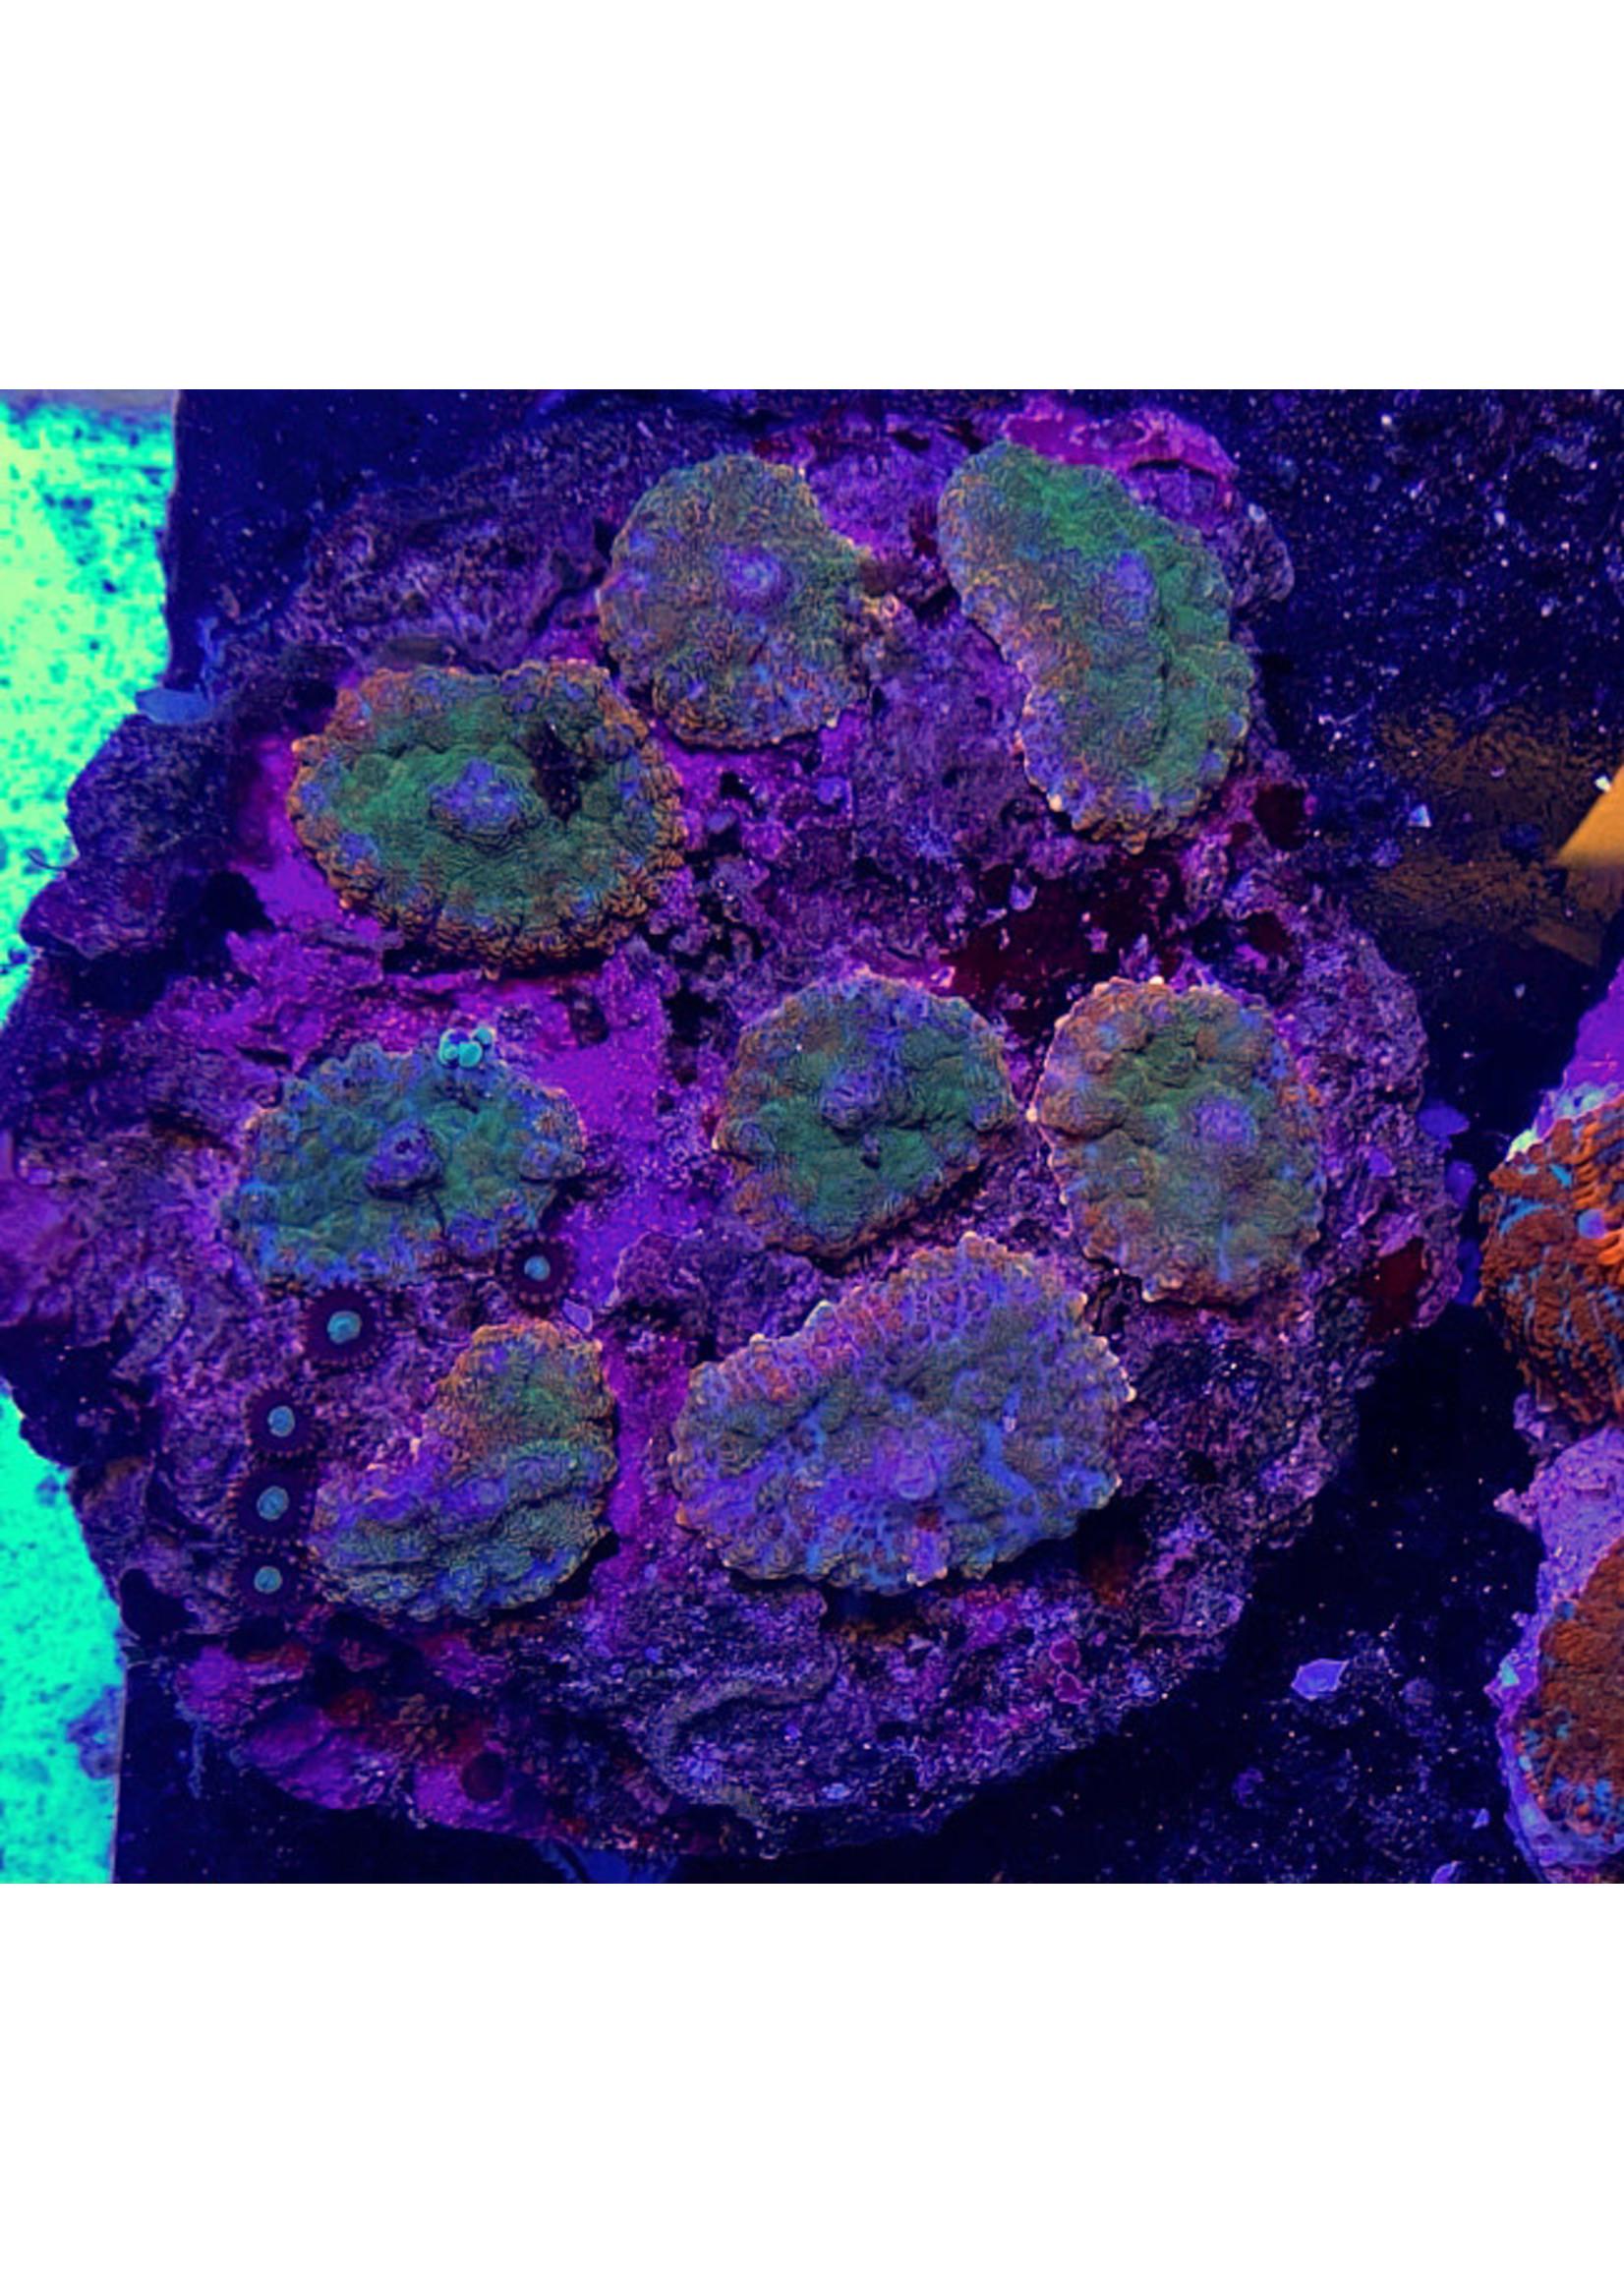 Mushrooms Indo Metalic Mushroom Rock  WYSIWYG